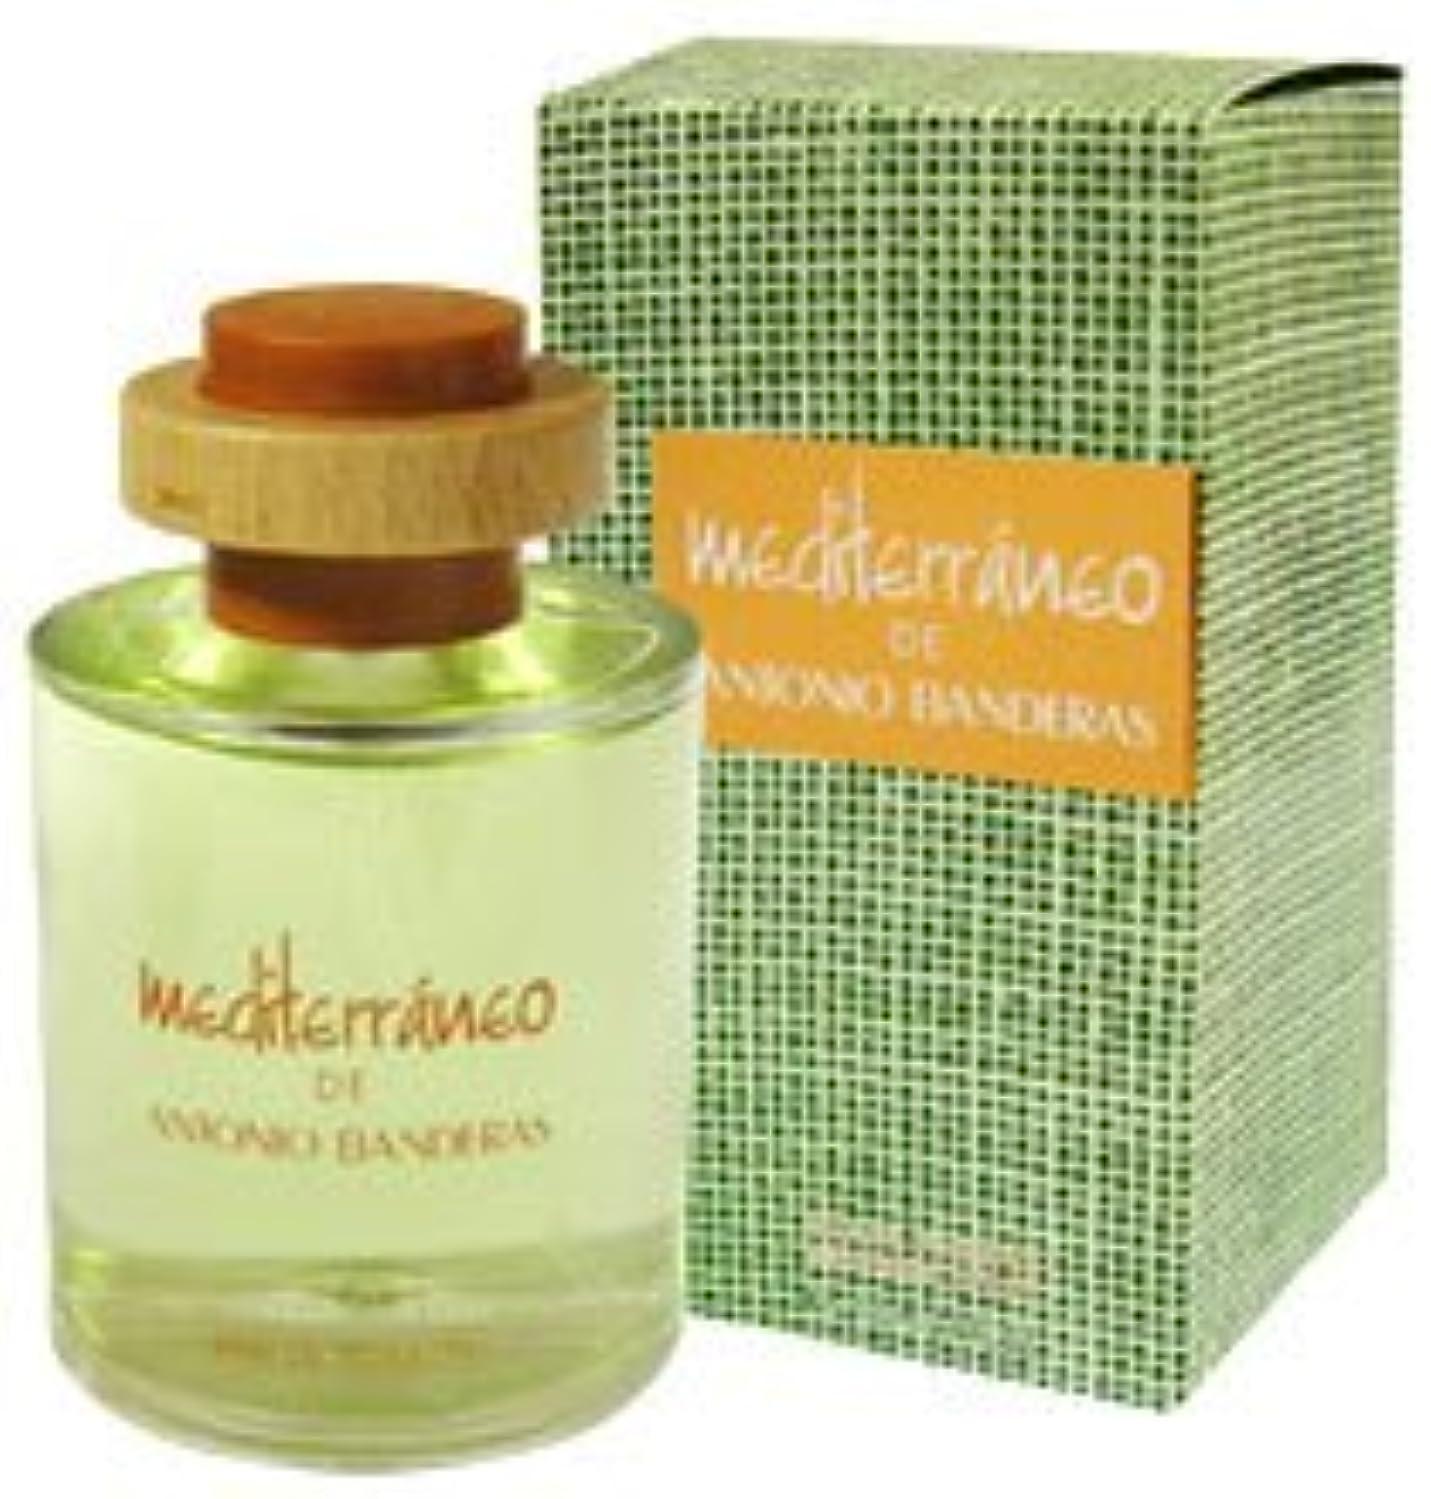 きょうだい契約した医療のMediterraneo (メディタレイネオ) 3.4 oz (100ml) EDT Spray by Antonio Banderas for Men